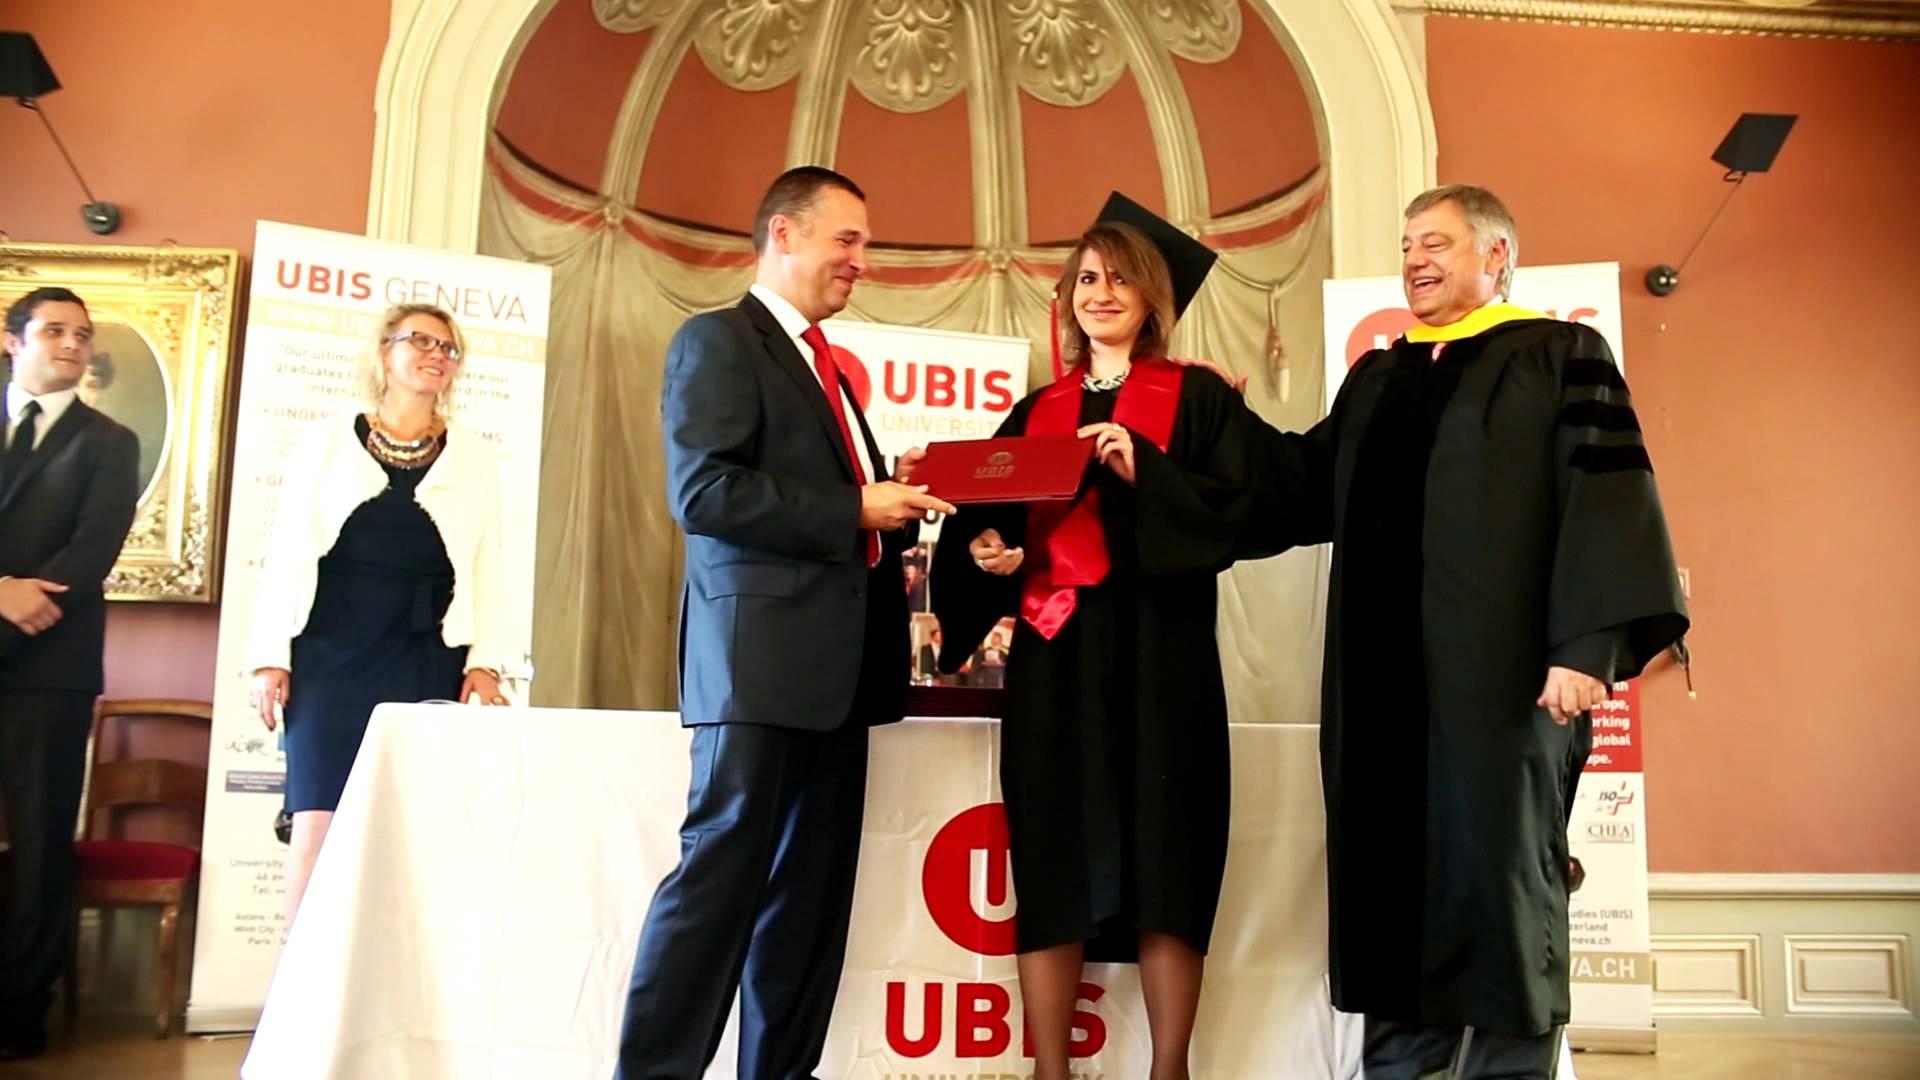 UBIS – trường đại học danh tiếng hàng đầu Thụy Sĩ đào tạo quản trị kinh doanh